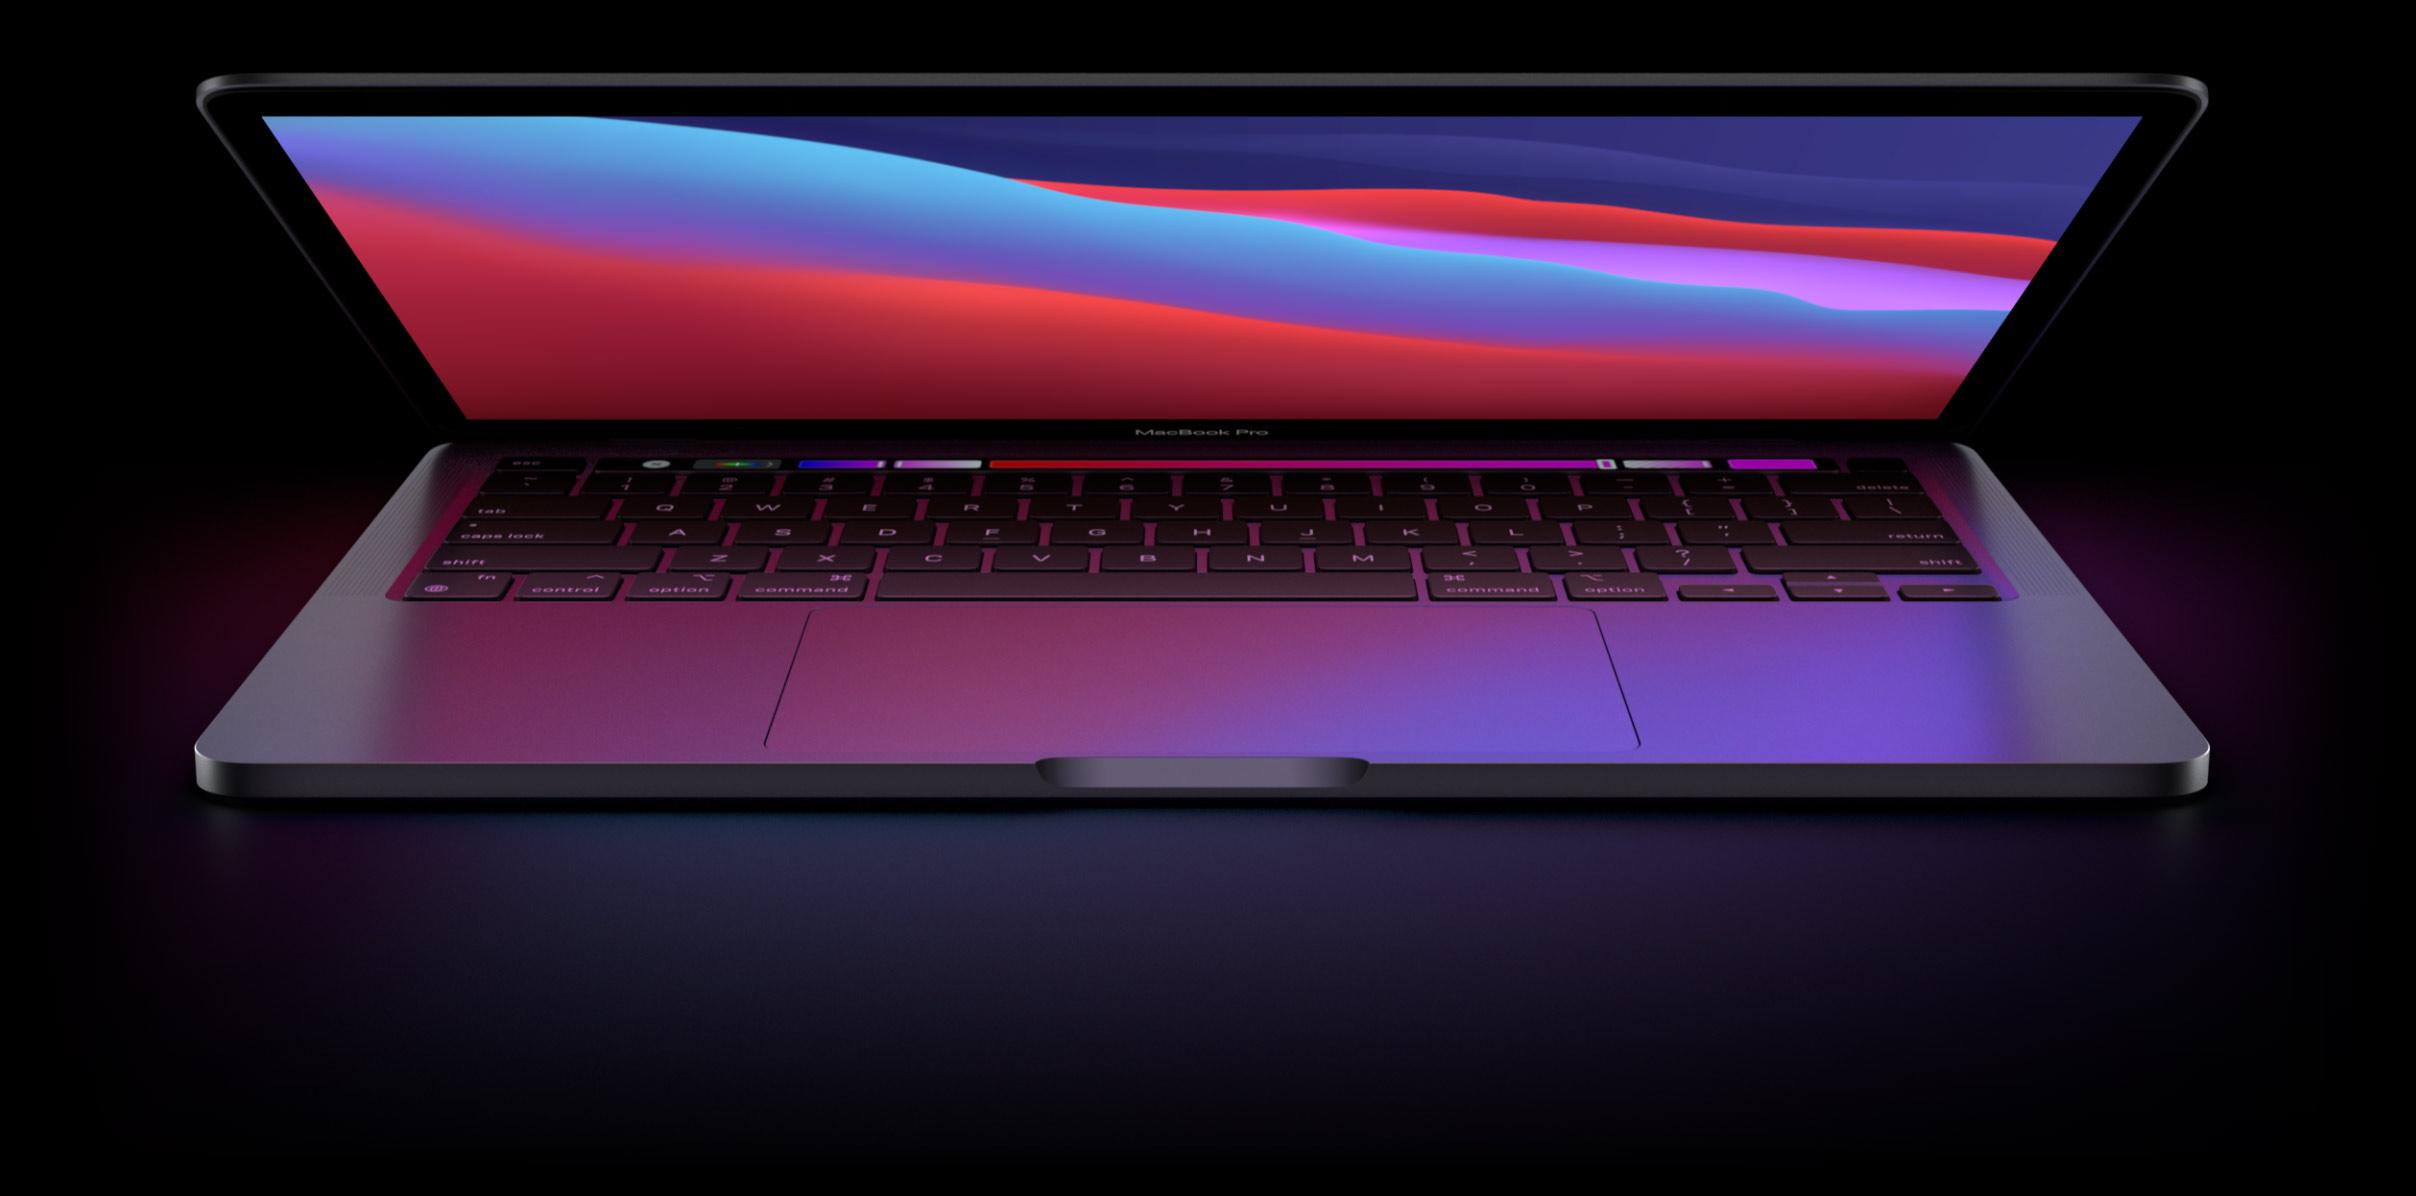 Nowe MacBooki Pro mają zaczynać się od konfiguracji z 16 GB RAM i 512 GB pamięci wewnętrznej!